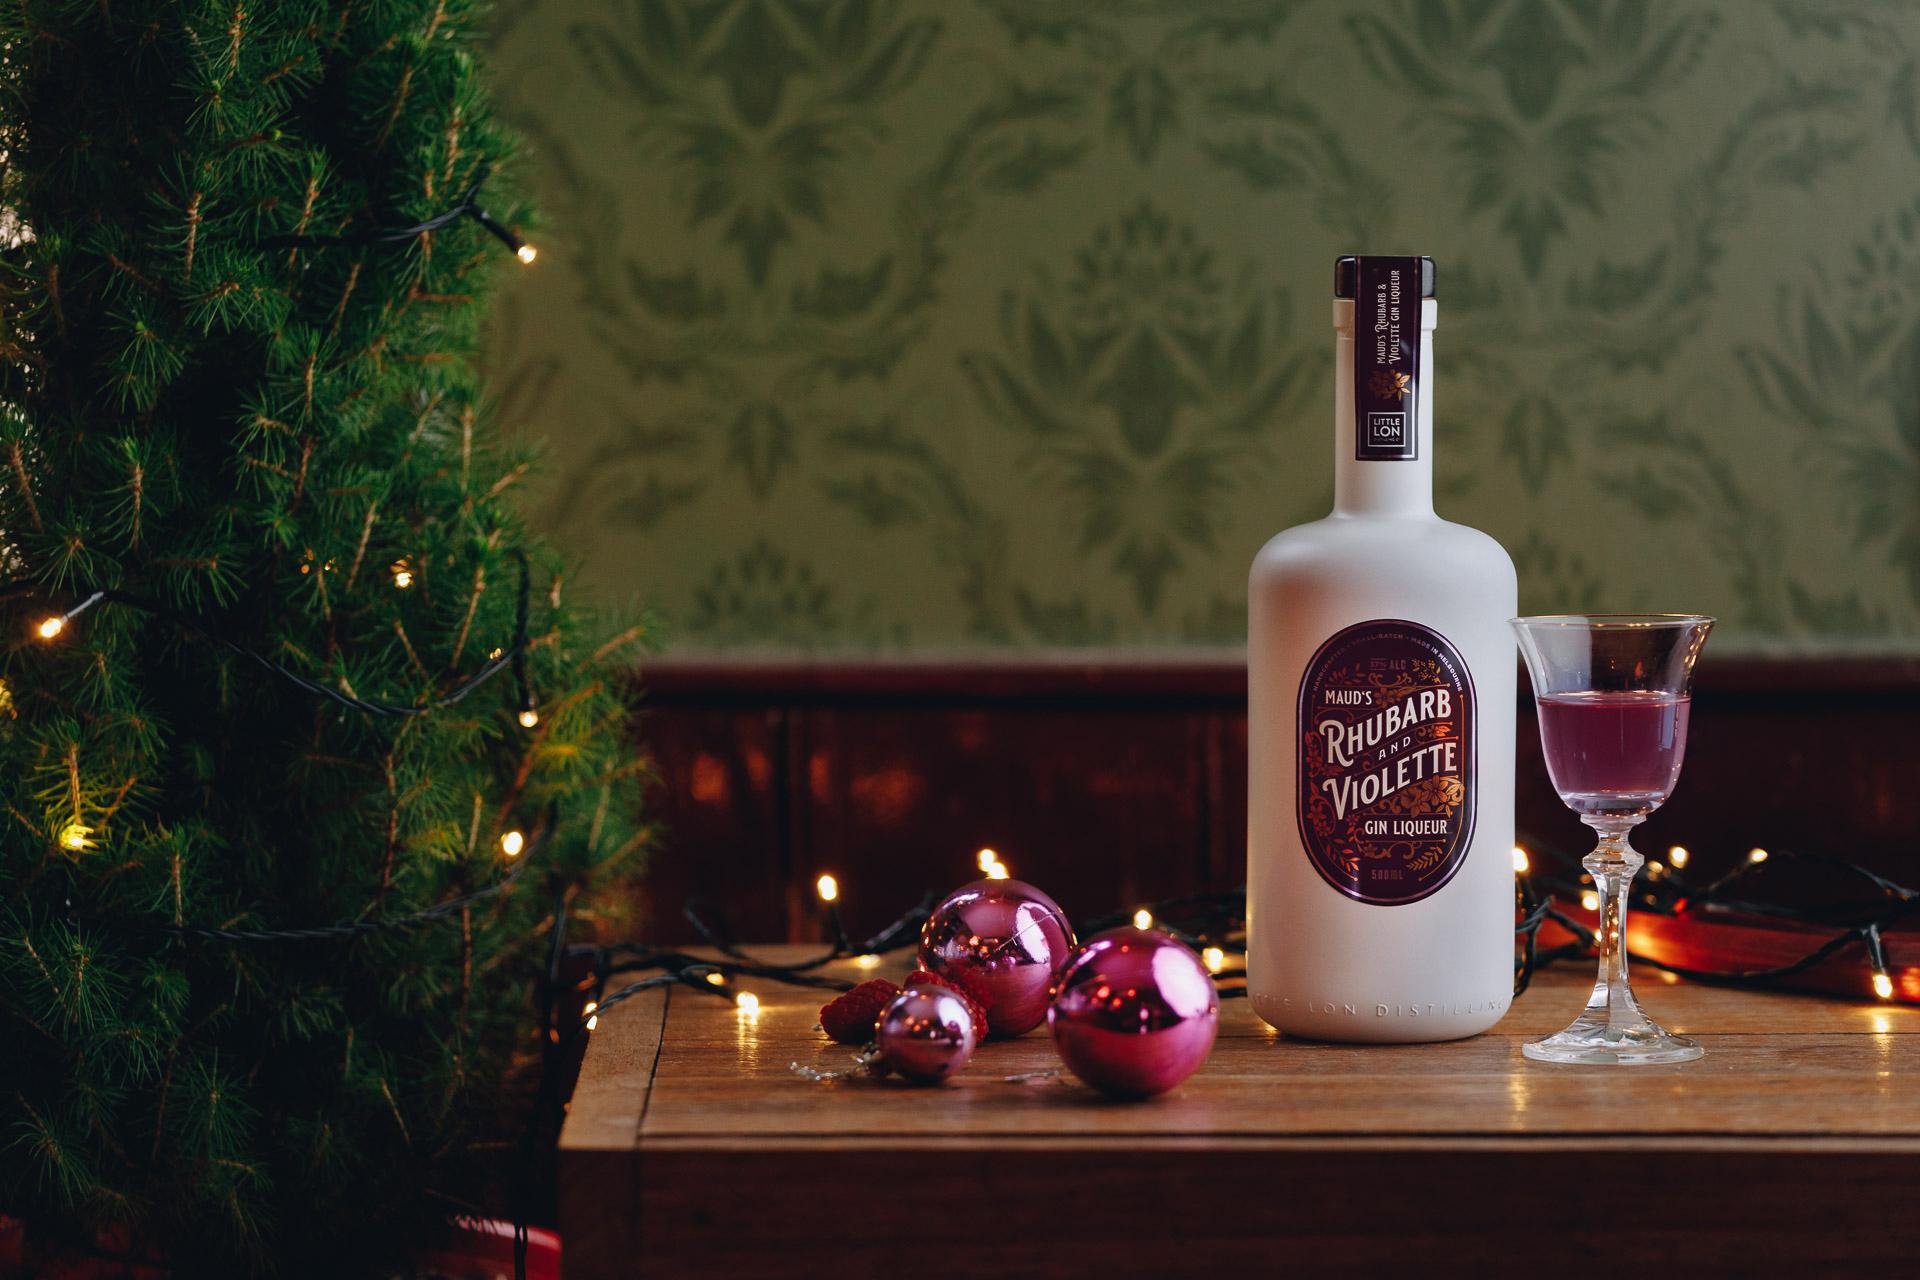 Maud's Rhubarb & Violette Gin Liqueur by Little Lon